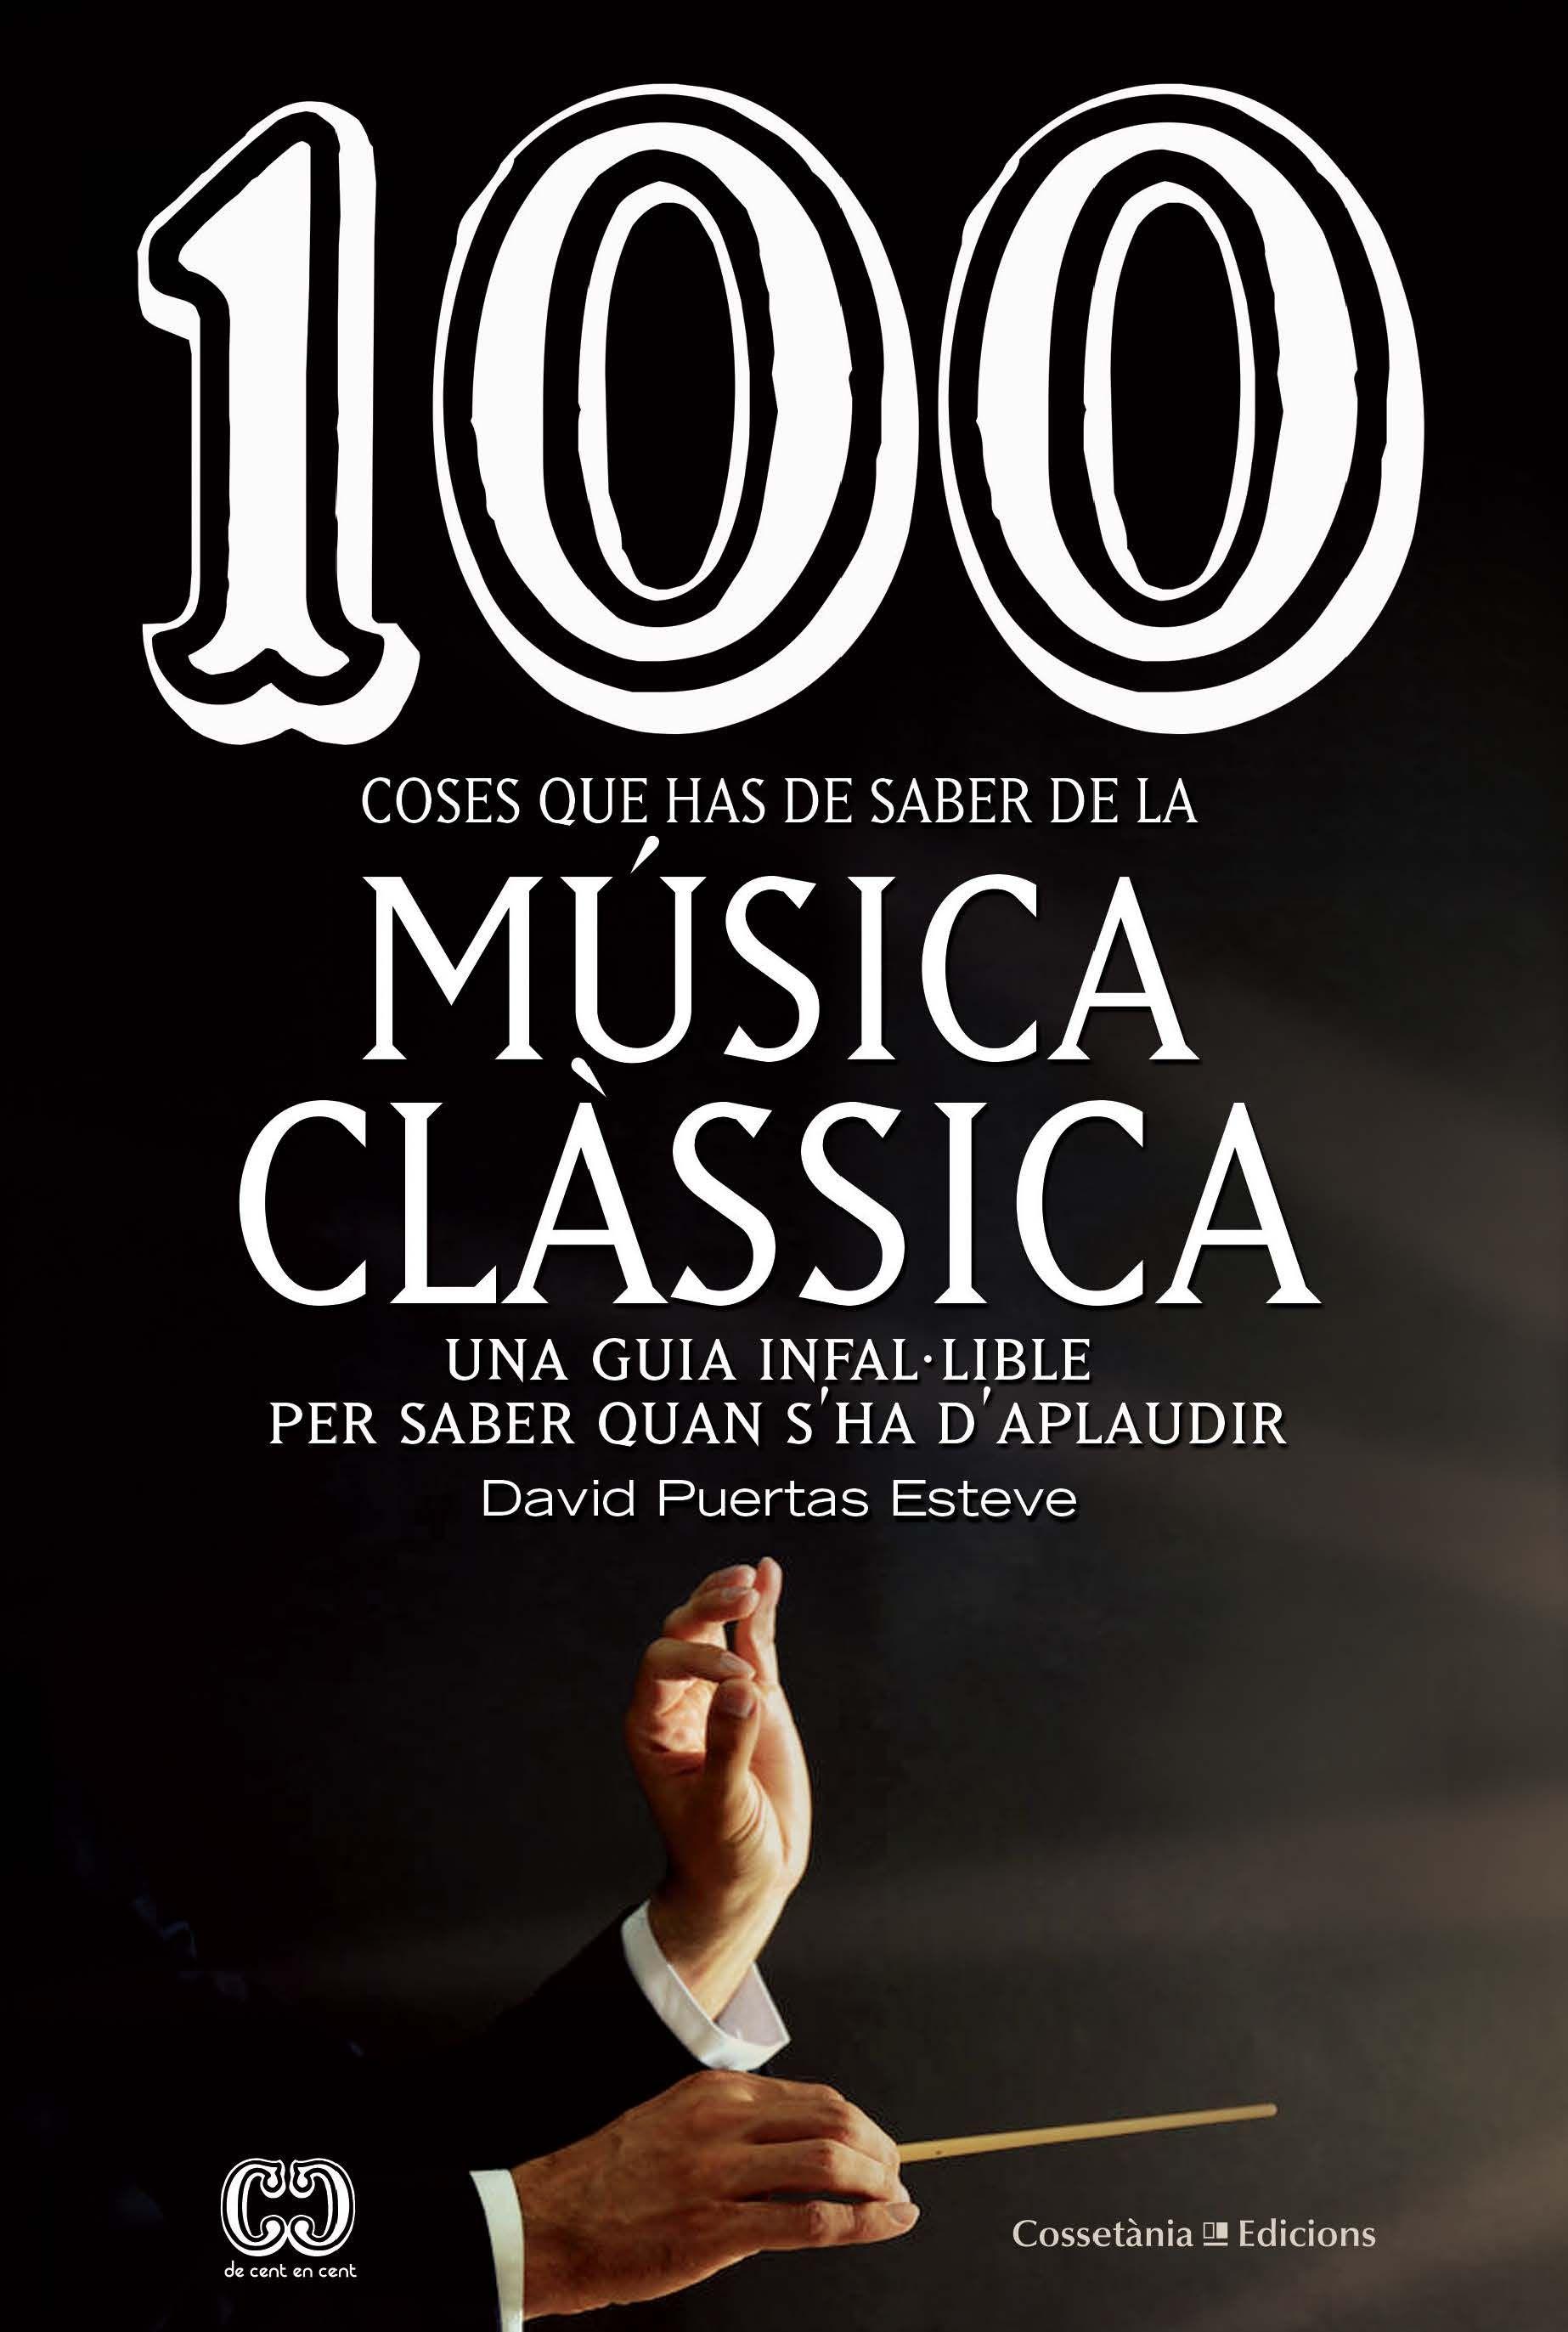 100 COSES QUE HAS DE SABER DE LA MUSICA CLASSICA